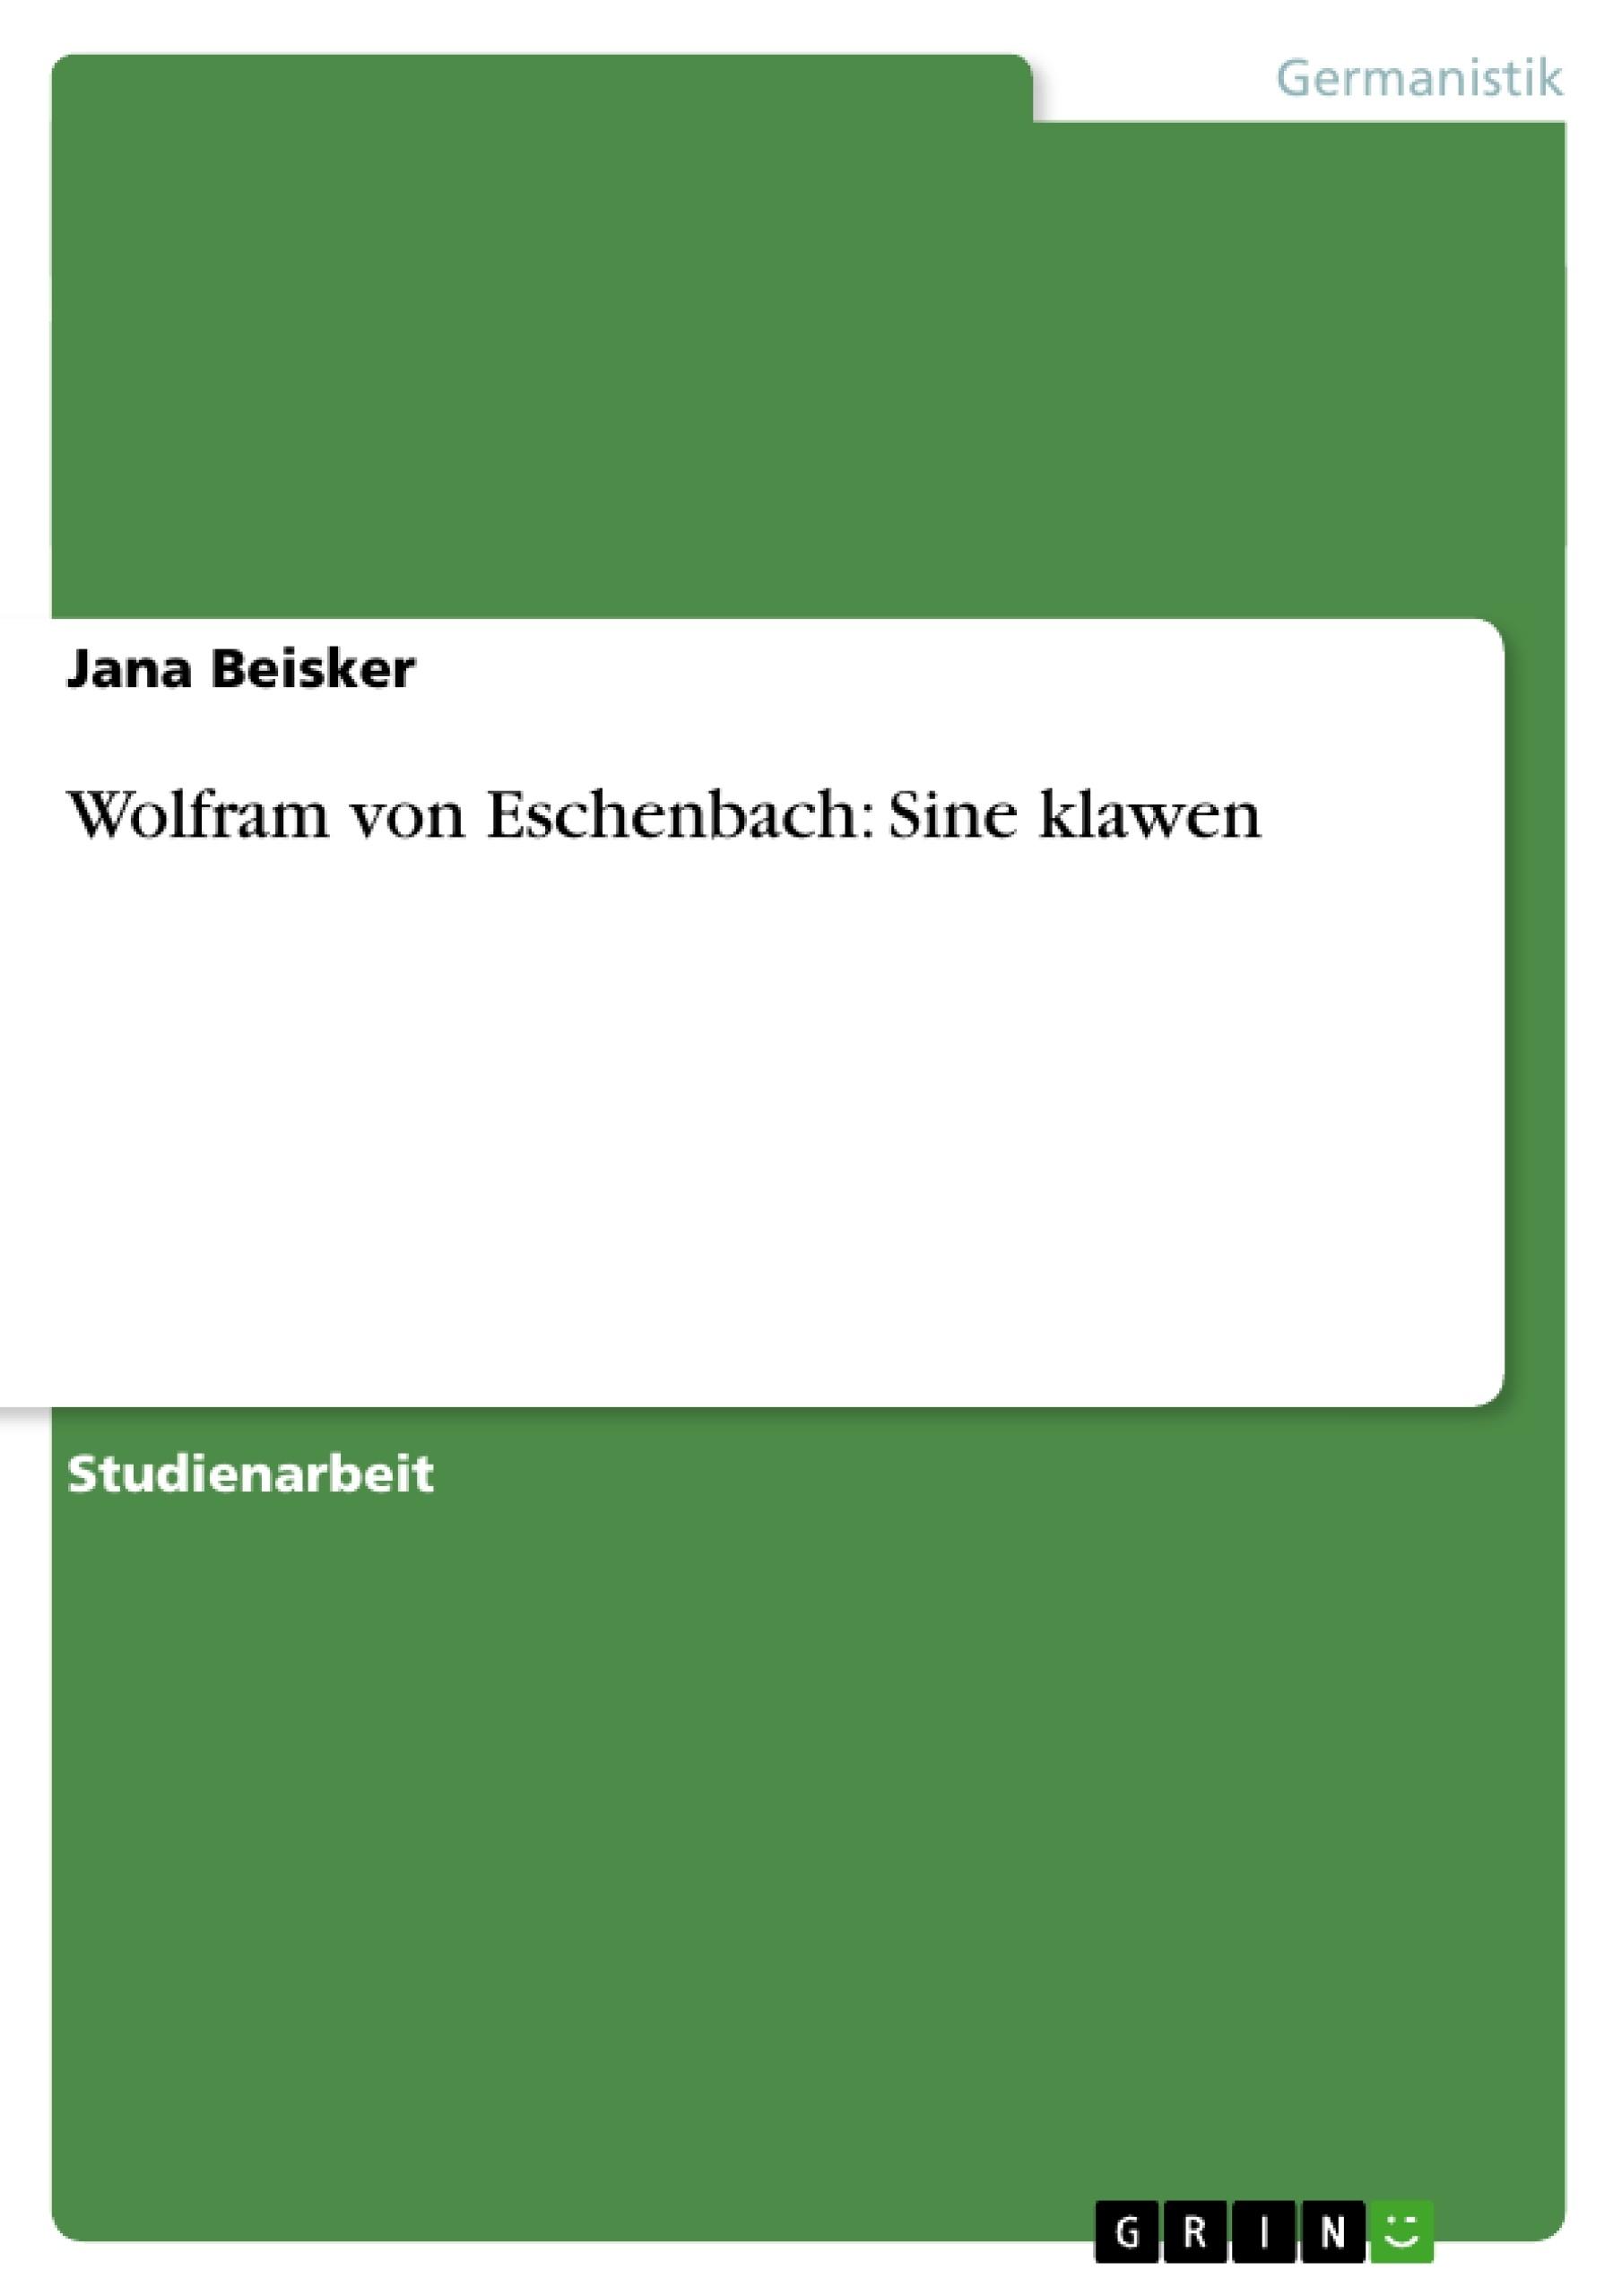 Titel: Wolfram von Eschenbach: Sine klawen